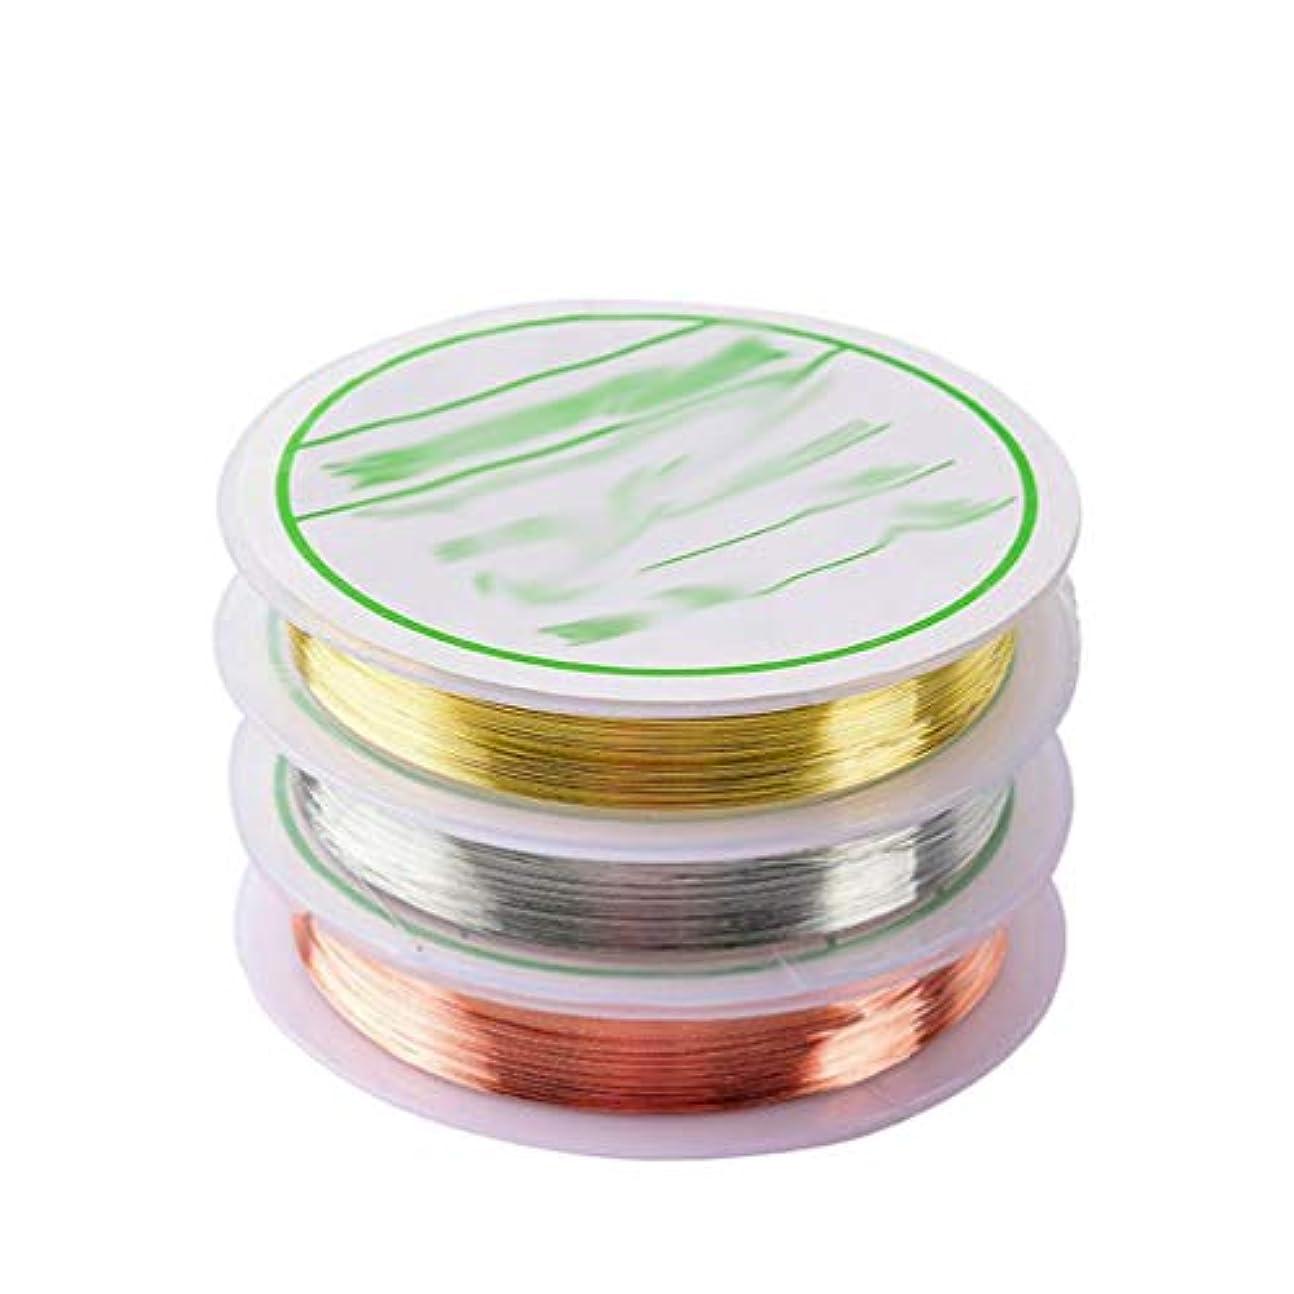 注目すべき広々とした進化するFrcolor 3ロール ネイルアート マニキュア オーナメント ネイルラインテープストライピング テープ ロール(金 銀 ローズゴールド)